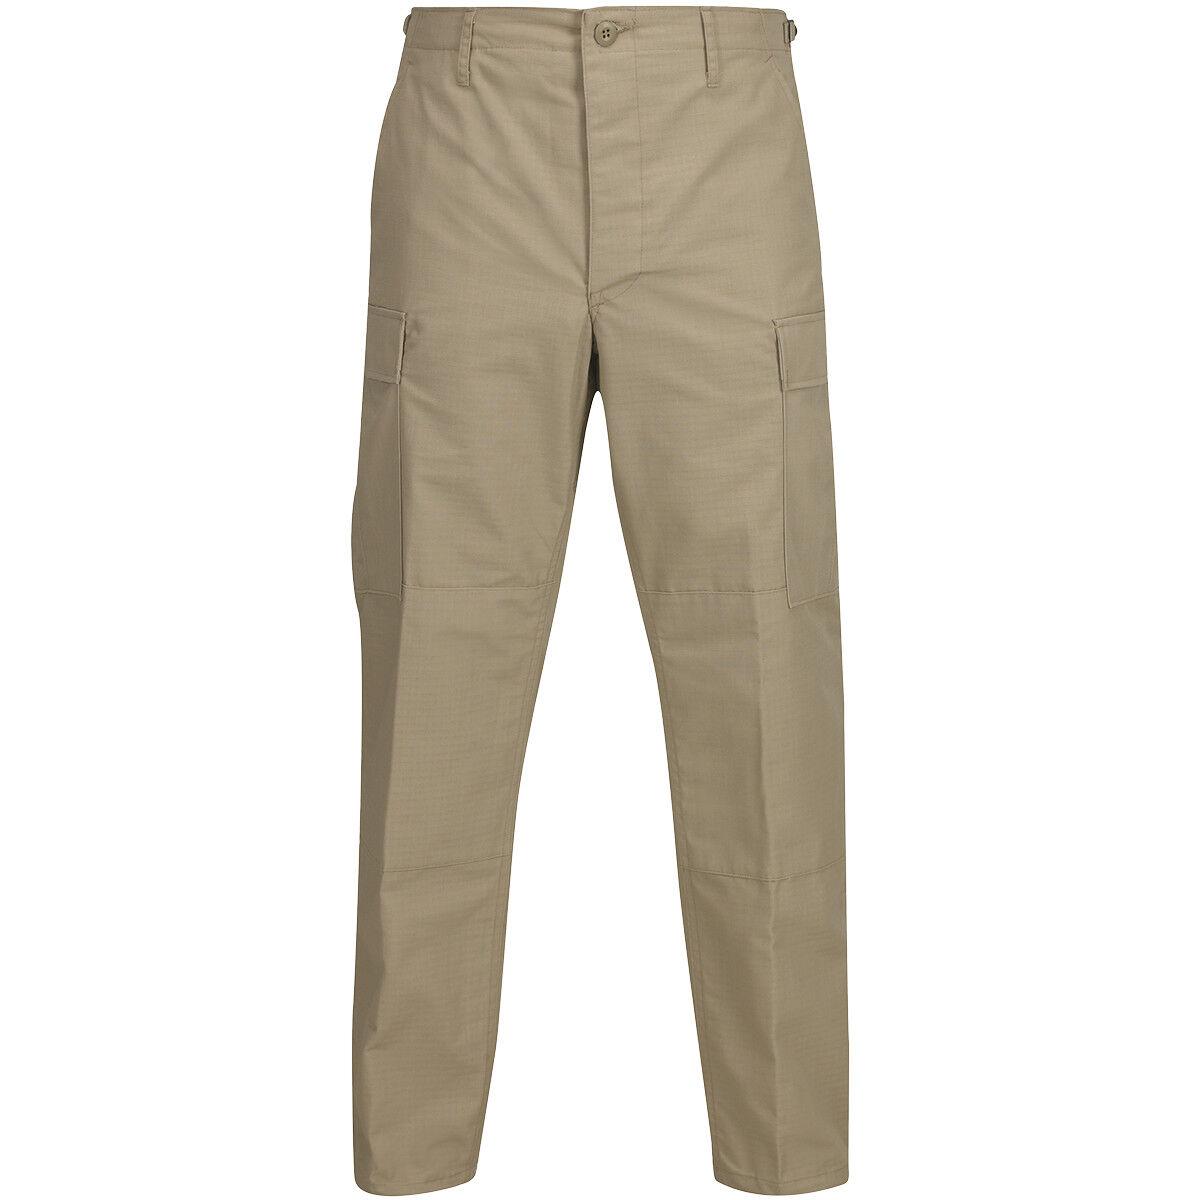 Propper Bdu Hose Button Fly Fly Fly Herren Kampf Ripstop Patrol Uniform Hose Khaki | New Listing  | Schön  | eine große Vielfalt  | Leicht zu reinigende Oberfläche  | Verwendet in der Haltbarkeit  516eed